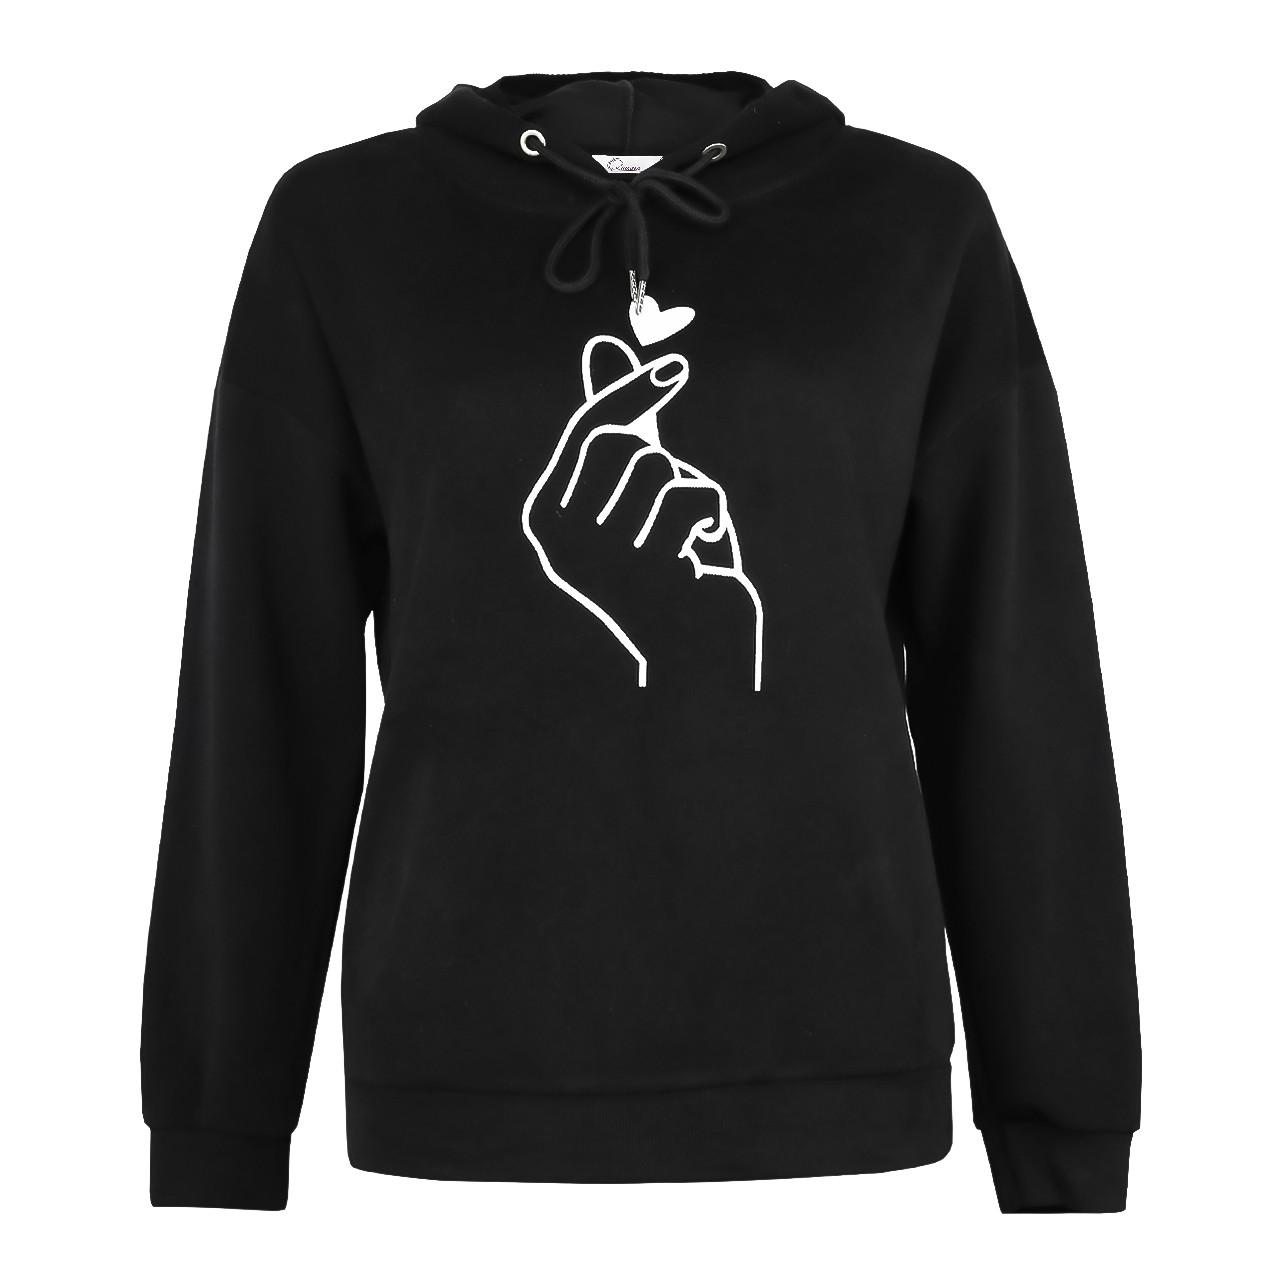 Худи женская черная с капюшоном корейское сердечко с пальцами р.M-XL